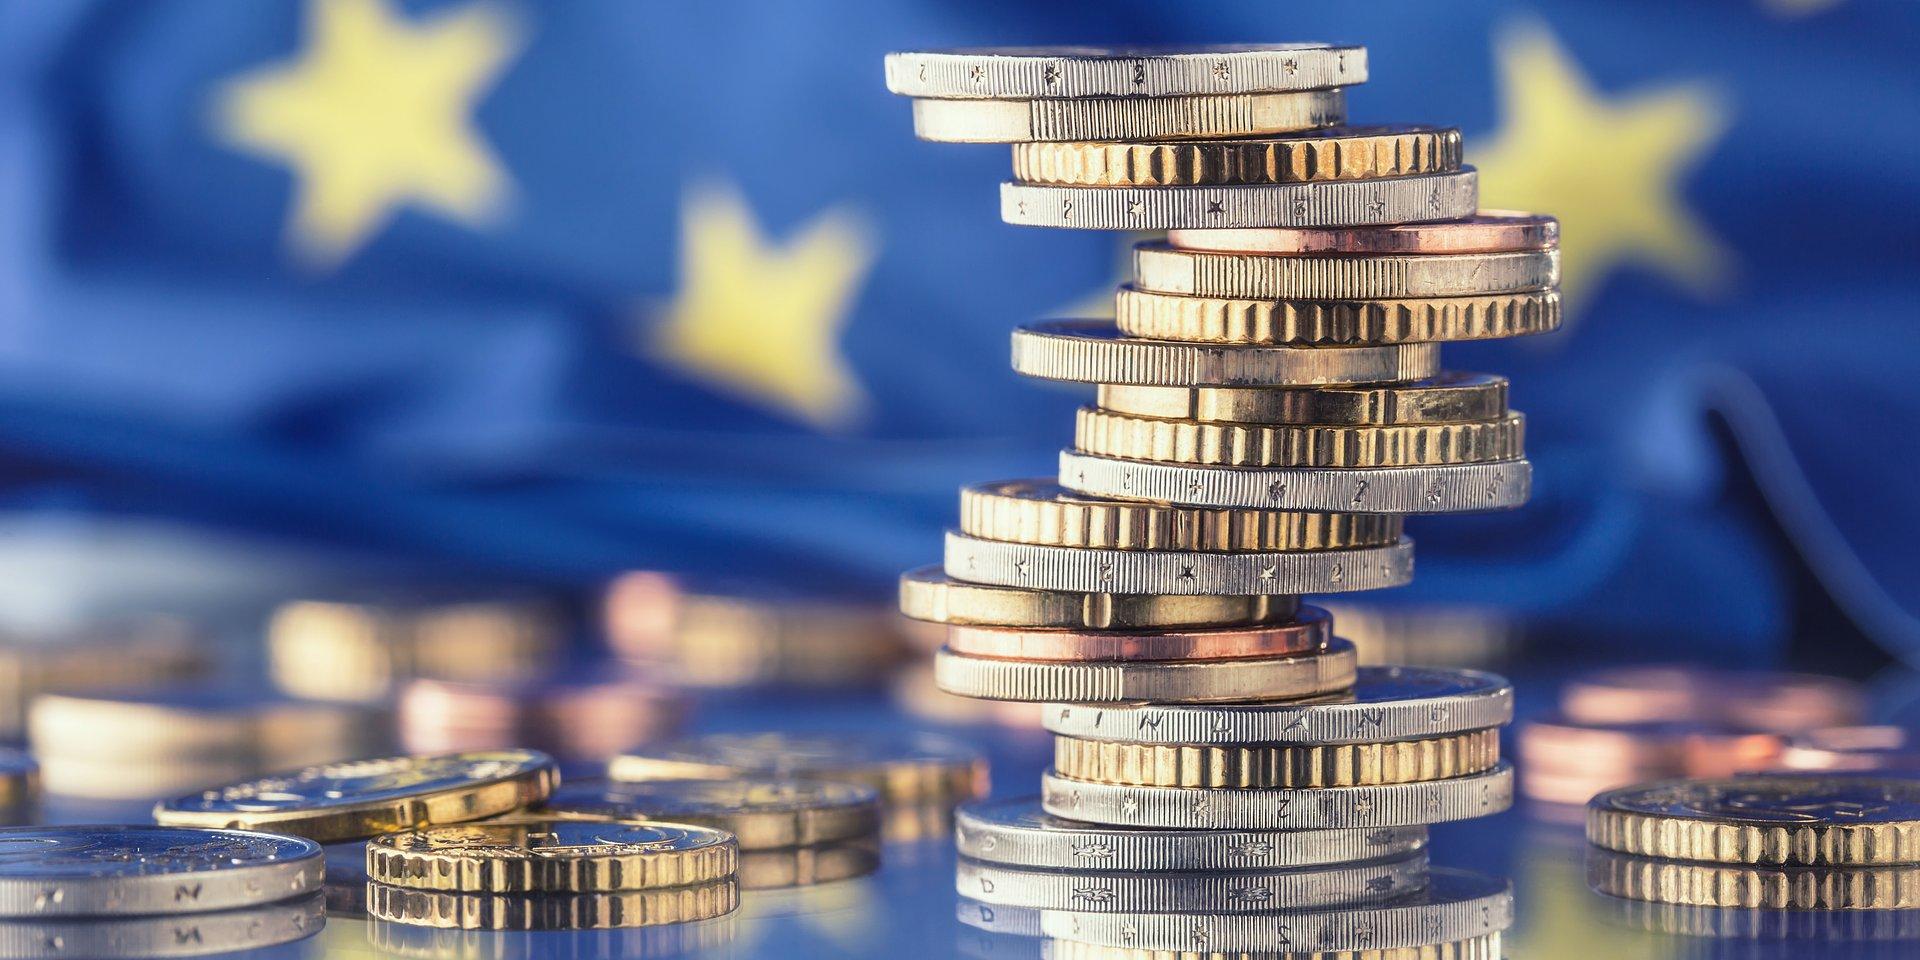 Nowe środki na tanie pożyczki, gwarancje i poręczenia dla przedsiębiorców dotkniętych epidemią